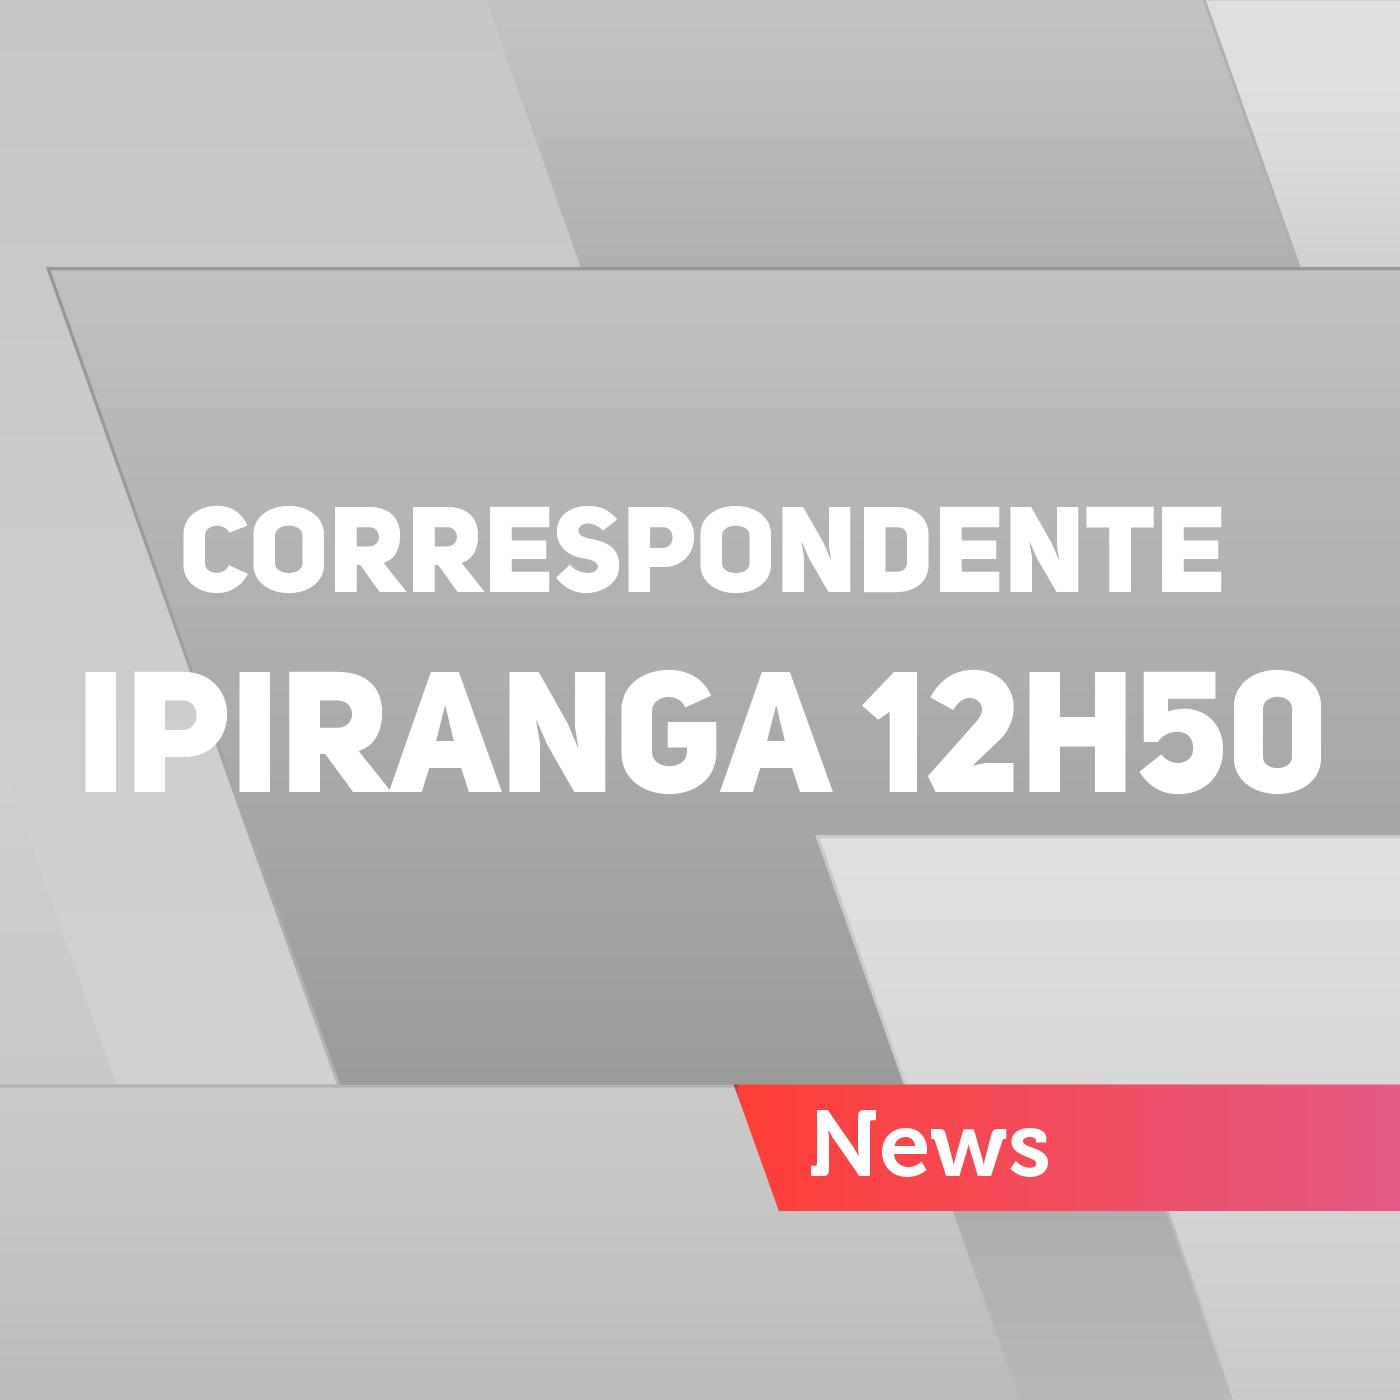 Correspondente Ipiranga 12h50 – 18/08/]2017